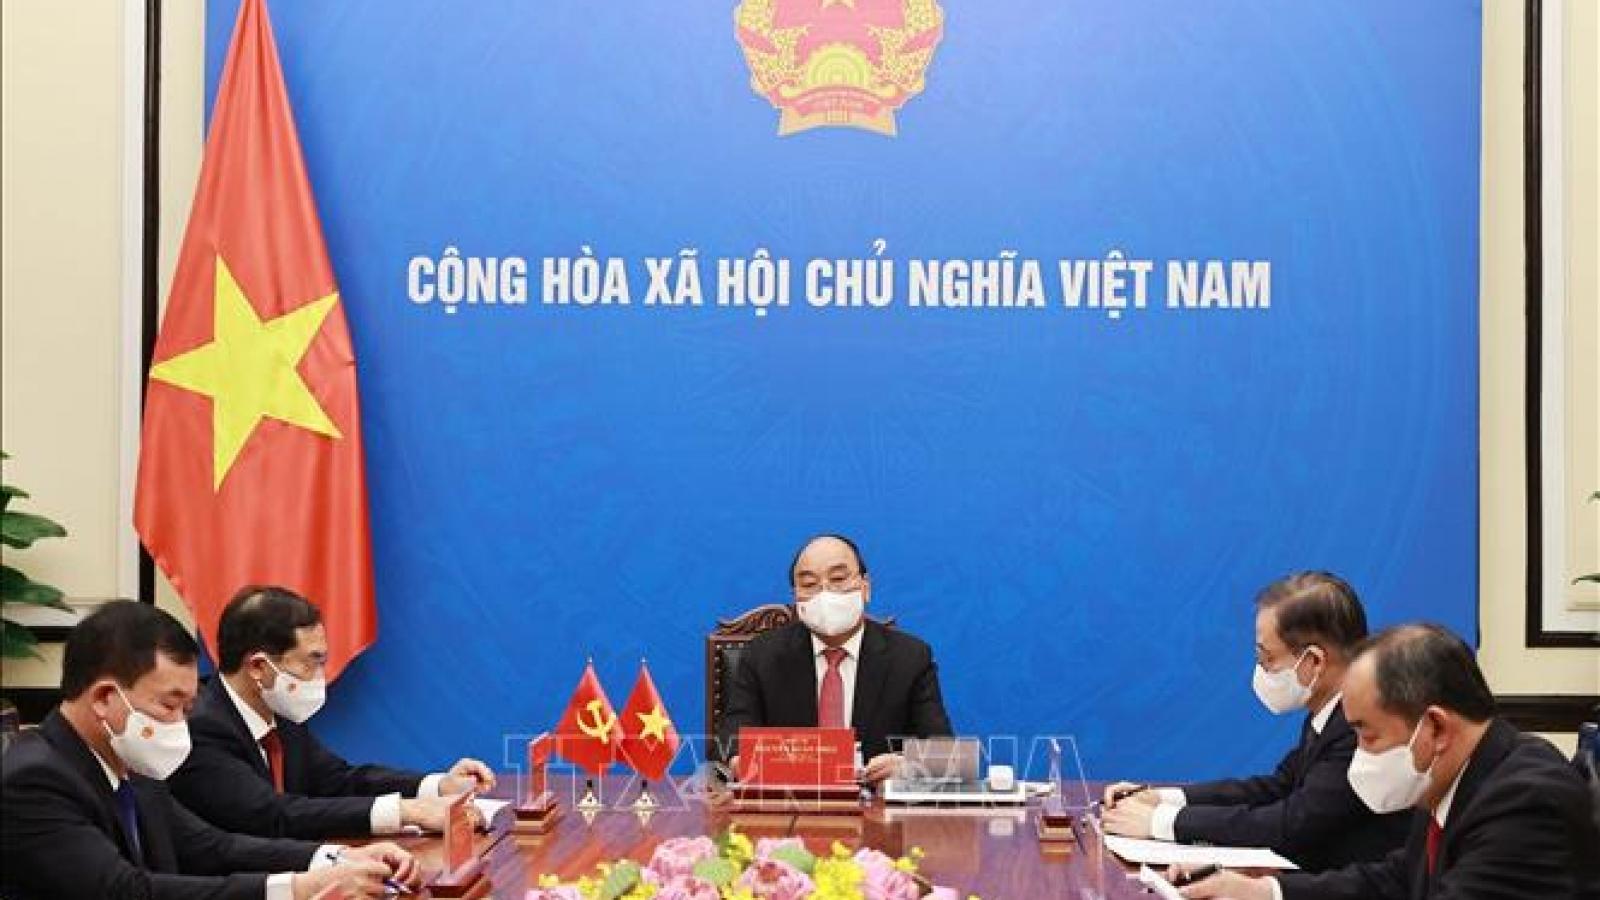 Chủ tịch nước Nguyễn Xuân Phúc điện đàm Tổng Bí thư, Chủ tịch nước Trung Quốc